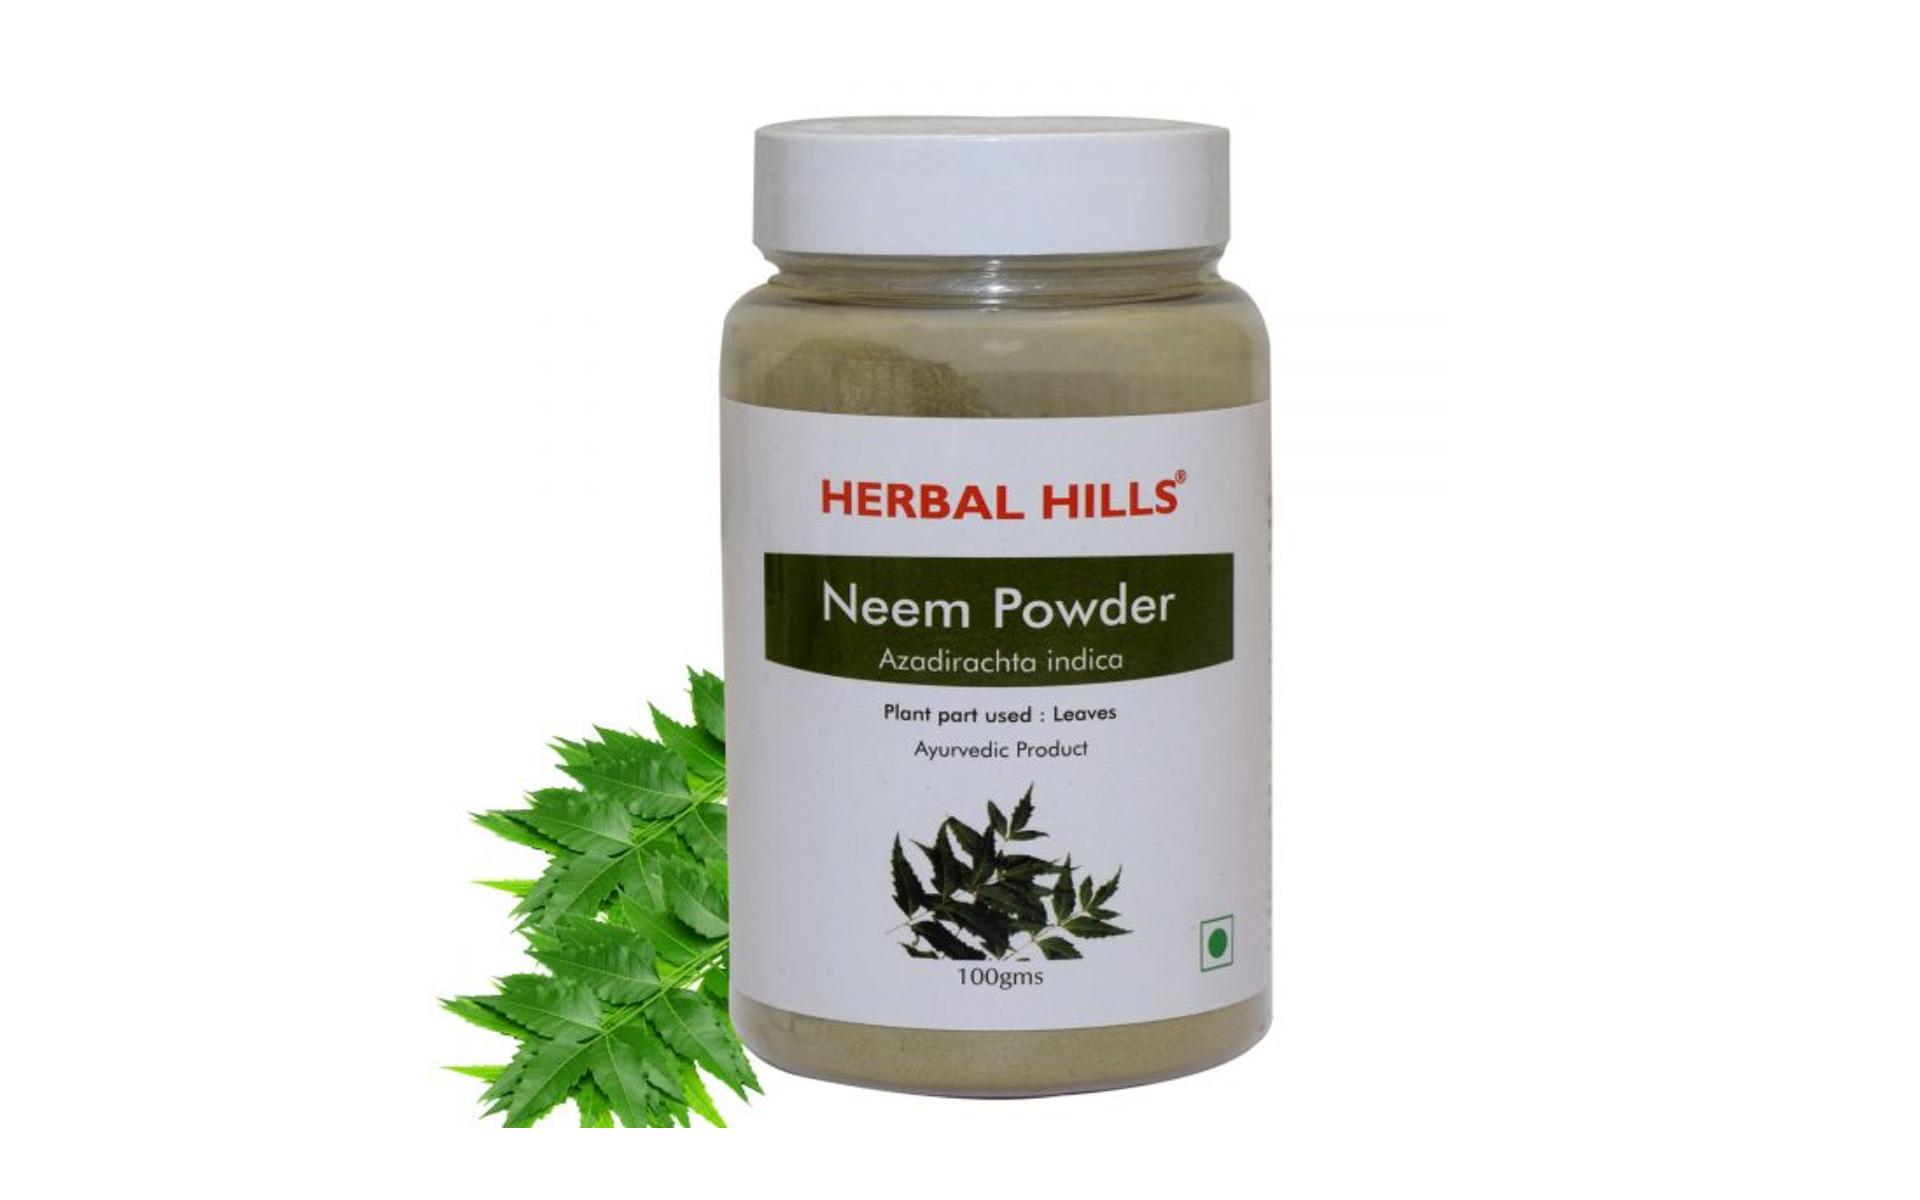 ニーム効果 ニーム副作用 ニーム効能 ニーム有機 ニームサプリメント